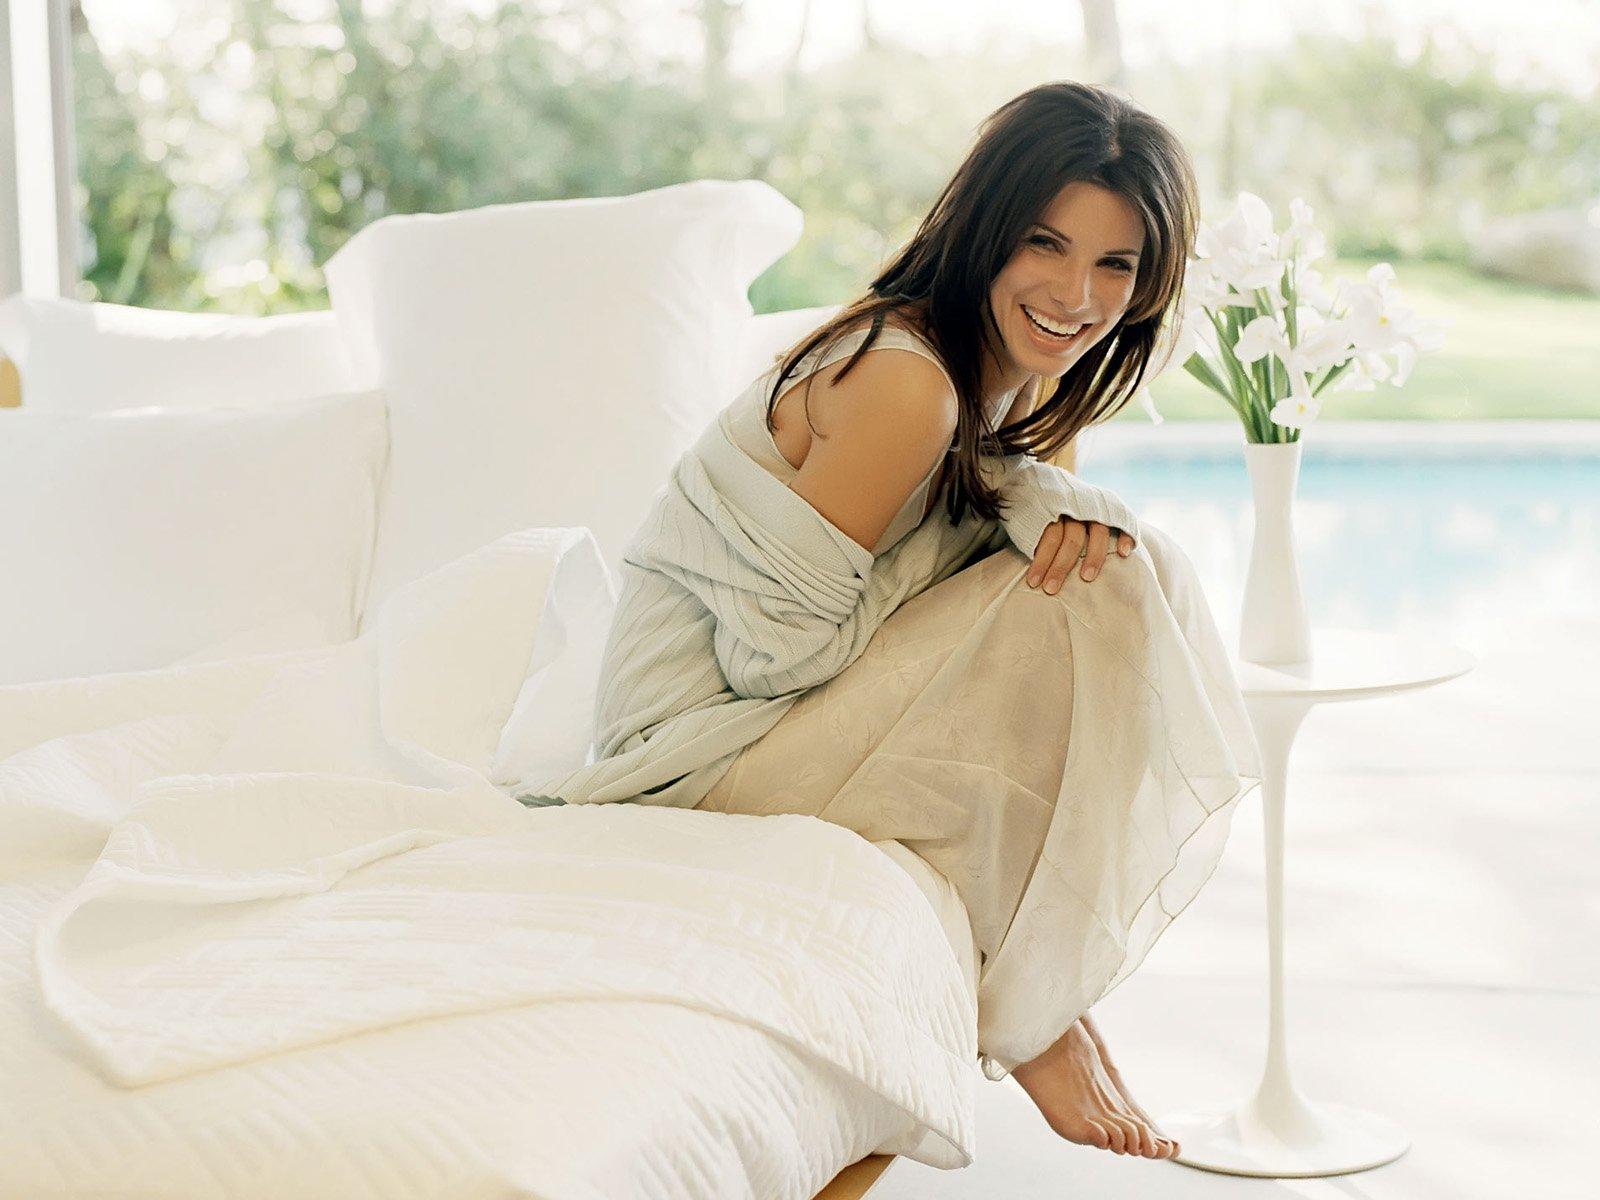 Самая красивая женщина в мире, которую легко рассмешить - Сандра Баллок